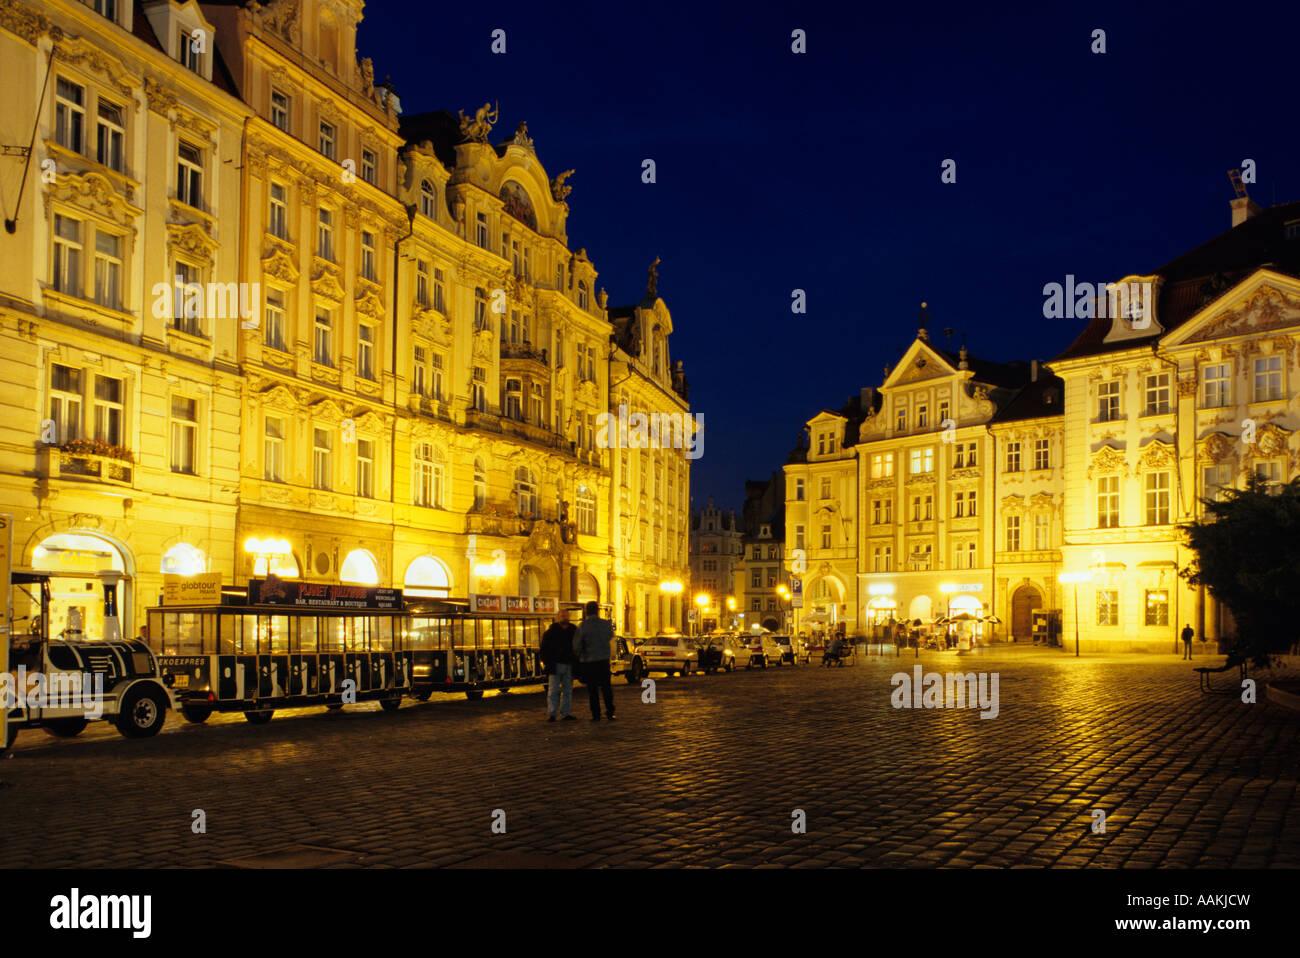 République Tchèque Prague PLACE DE LA VIEILLE VILLE DE NUIT GOLZ KINSKY PALACE Photo Stock